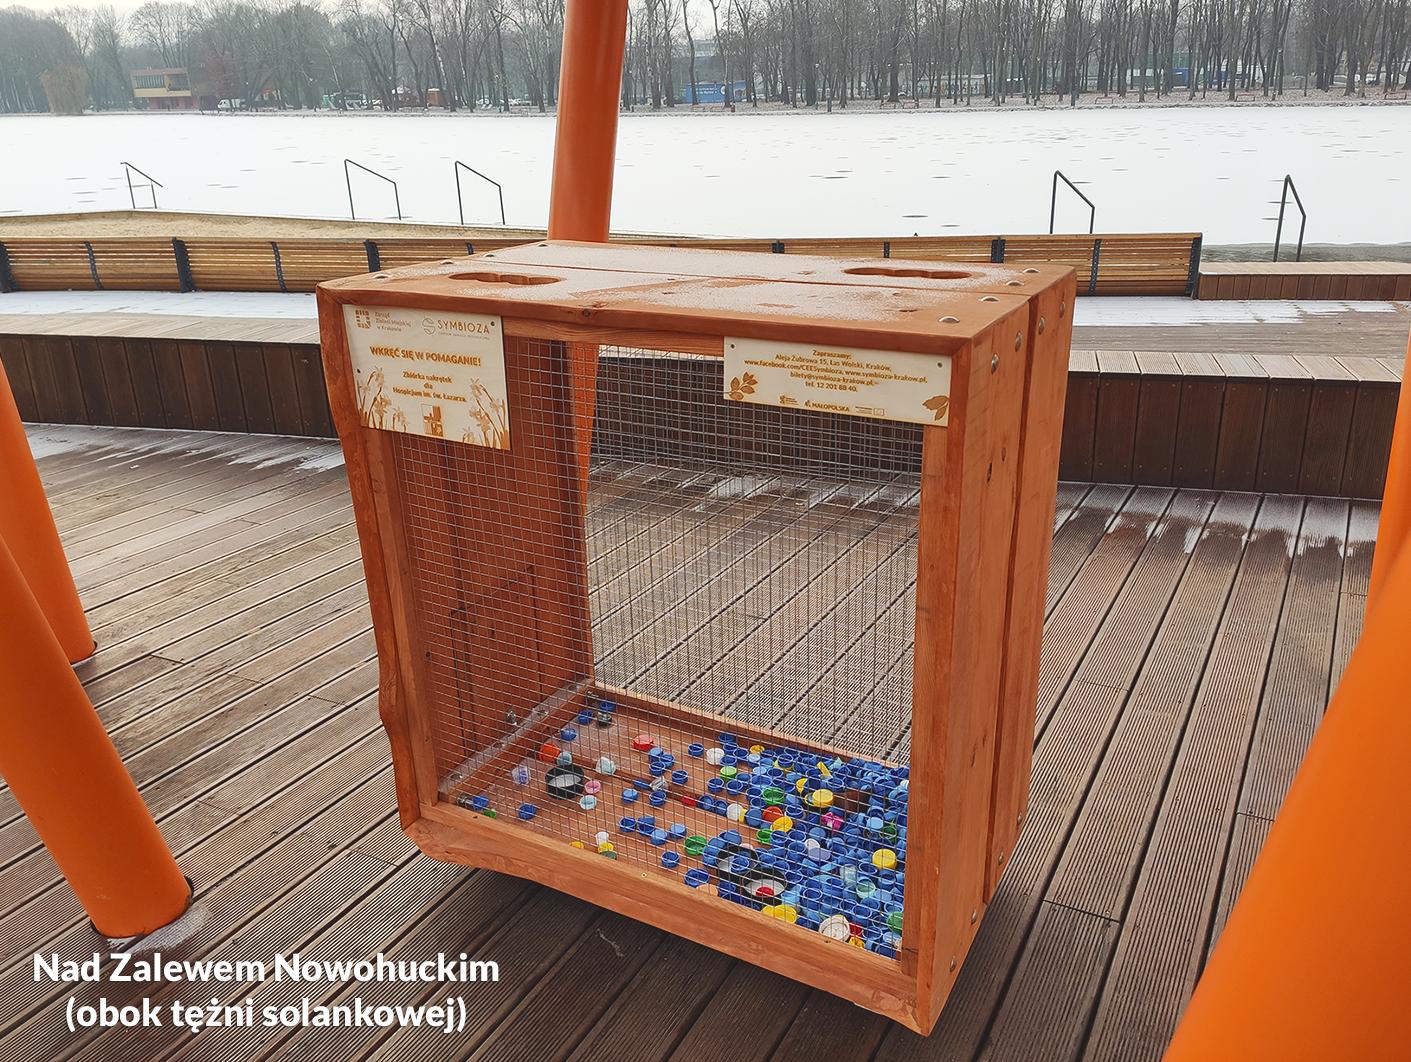 Zdjęcie przedstawiające drewnianą skrzynię na plastikowe nakrętki w nad Zalewem Nowohuckim - akcja charytatywna CEE Symbioza